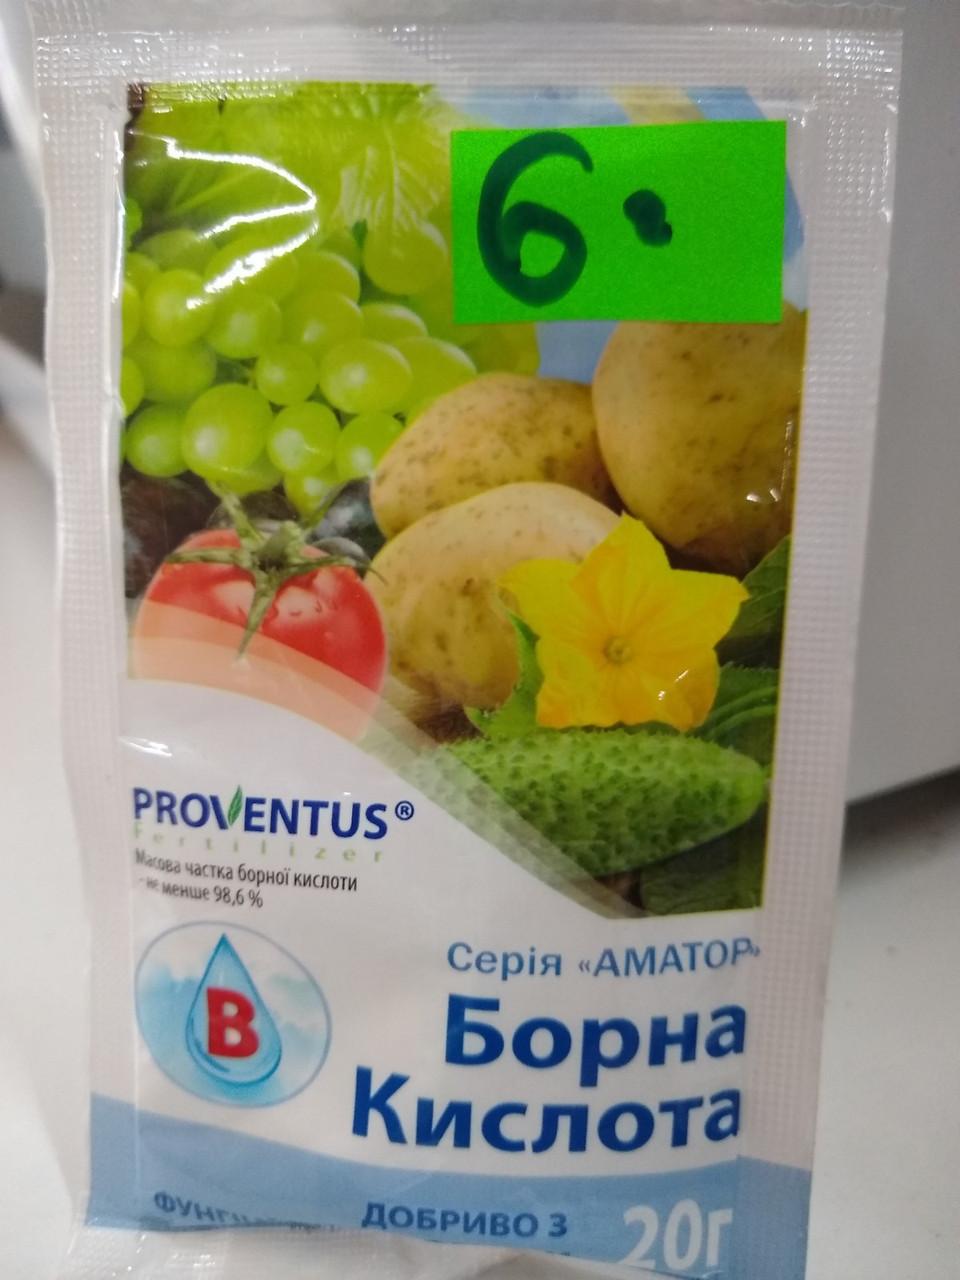 Удобрение с фунгицидным эффектом Борная кислота 20 грамм, Украина